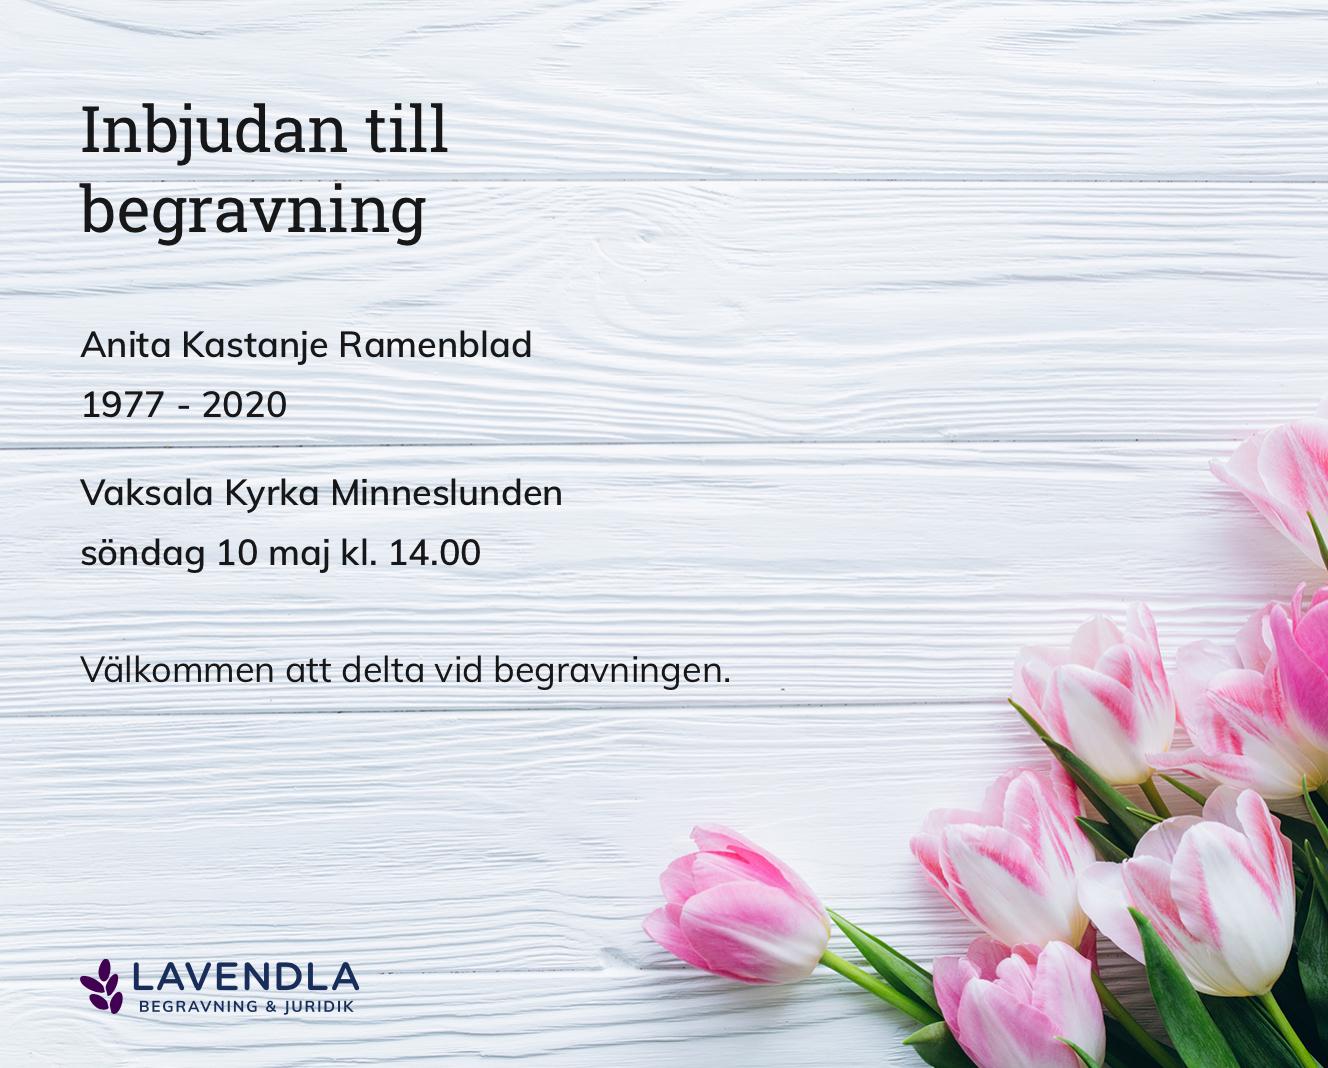 Inbjudningskort till ceremonin för Anita Kastanje Ramenblad